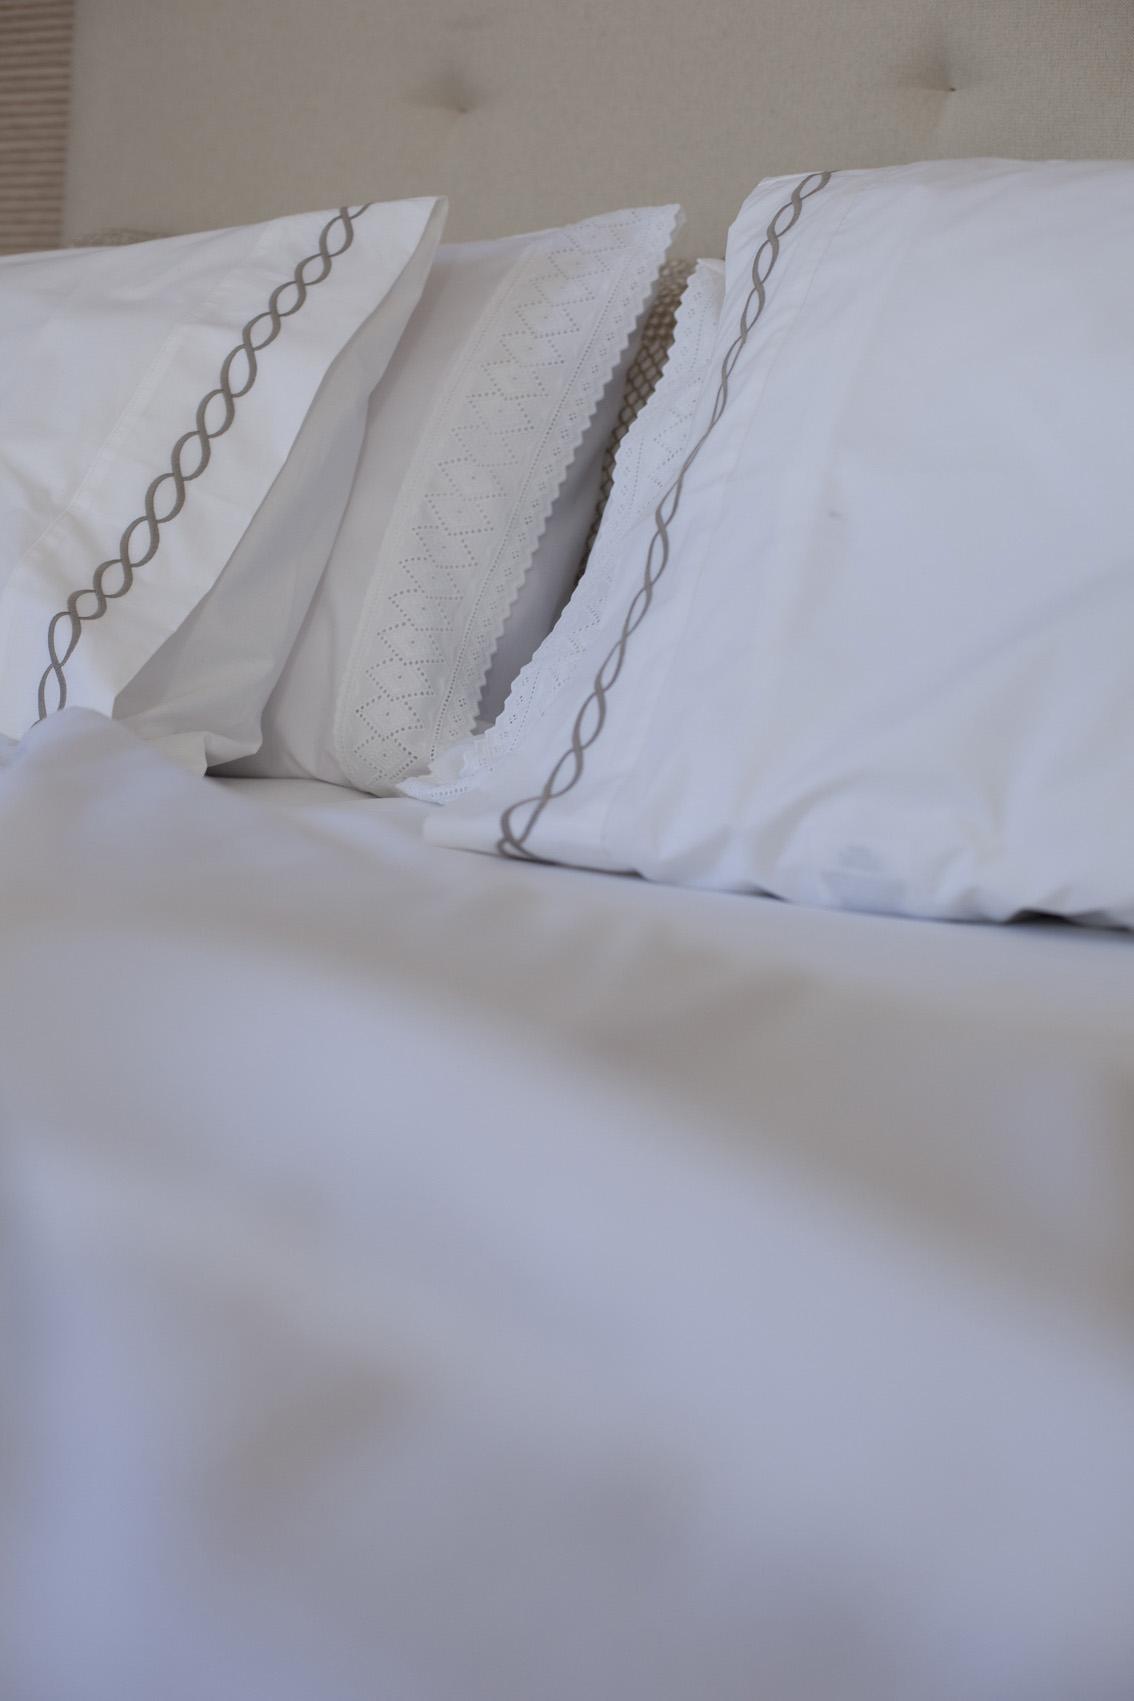 Cuidados com a roupa de cama branca